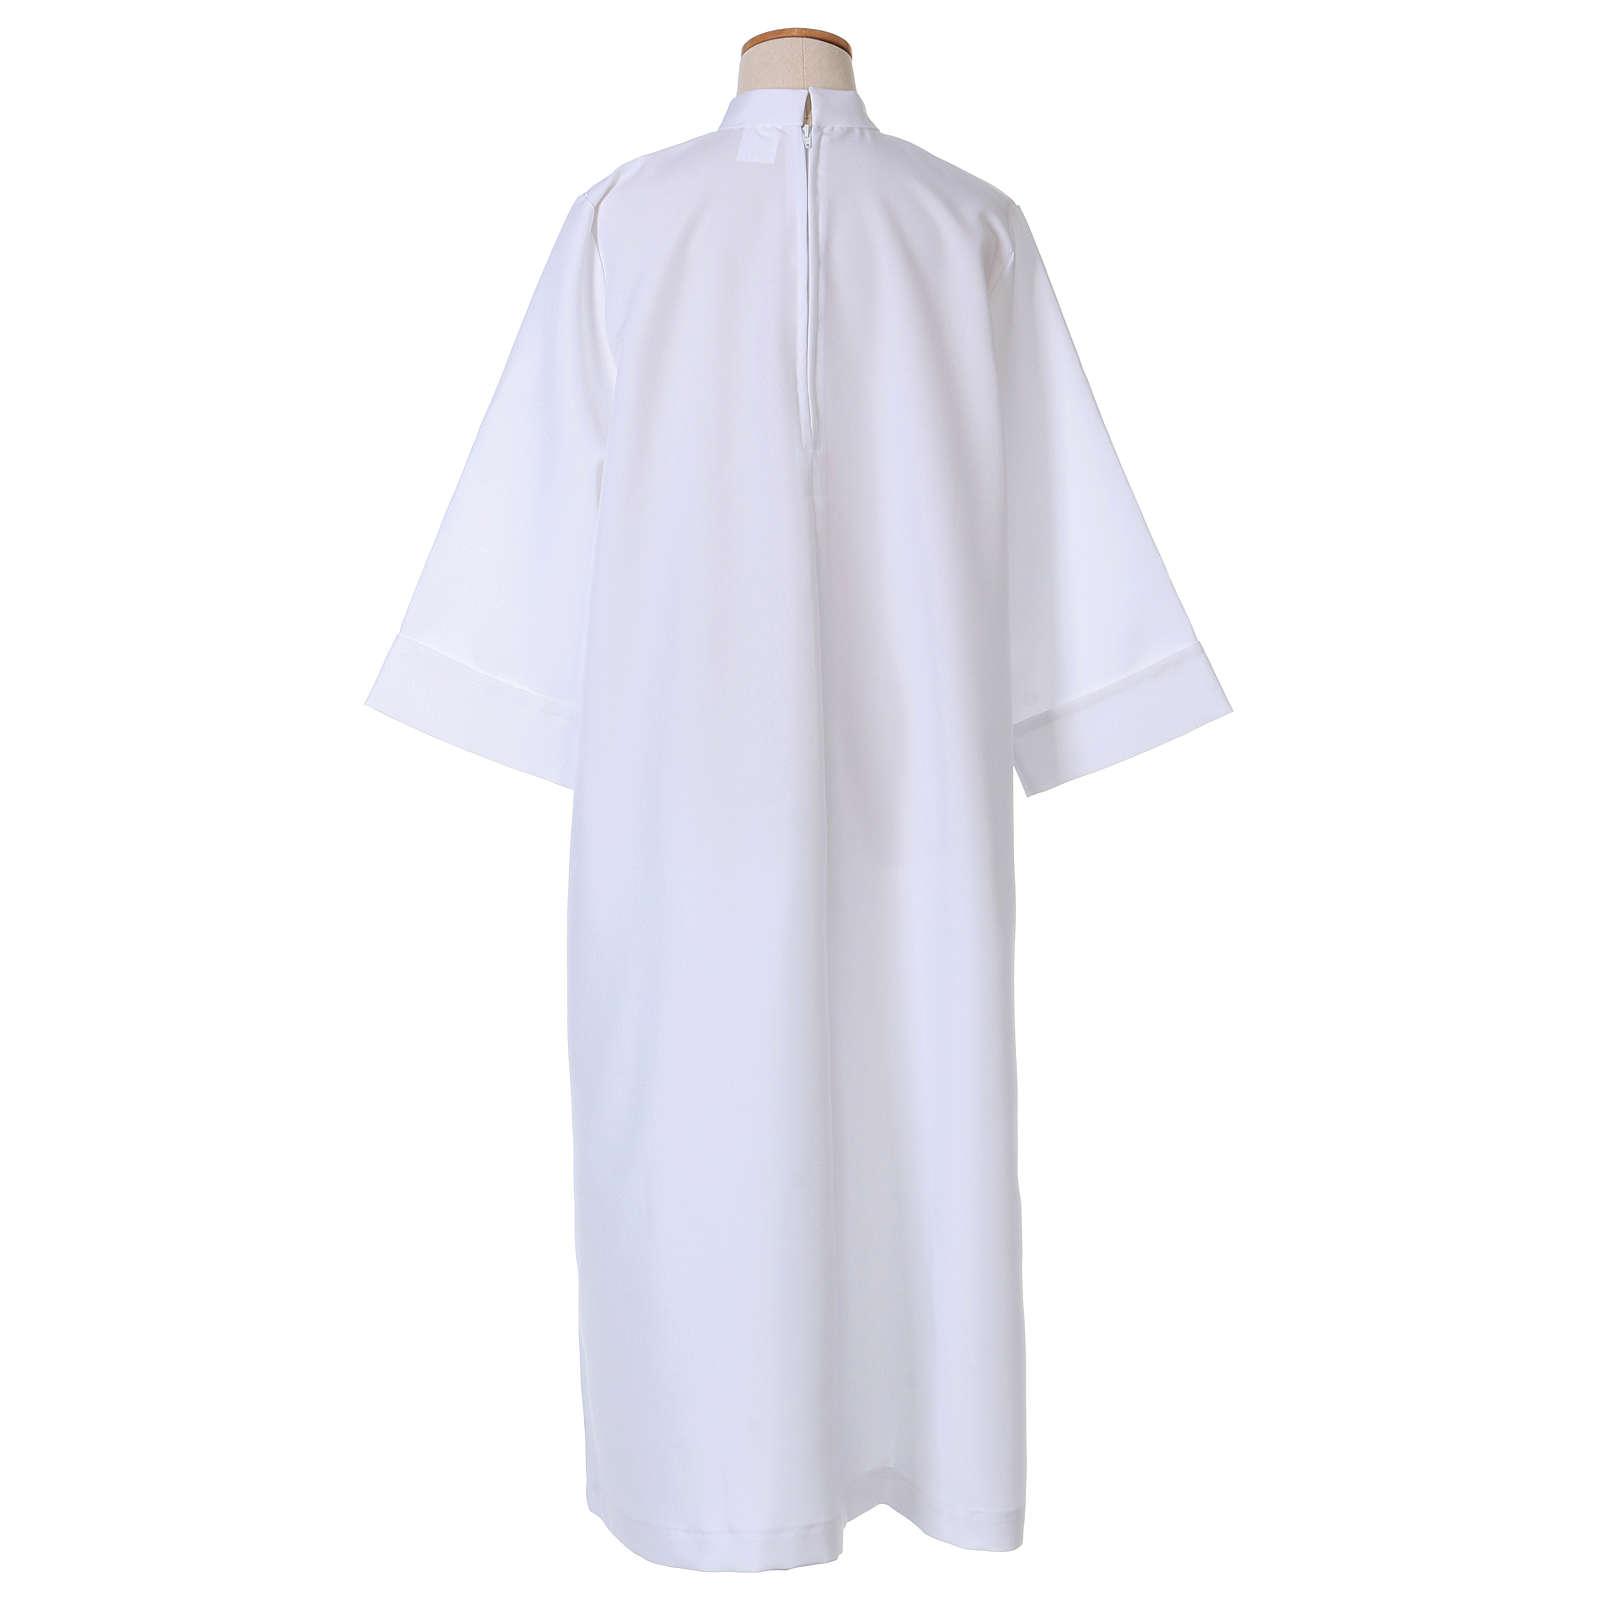 Vestido Primera Comunión poliéster abocinado cuello alto 4